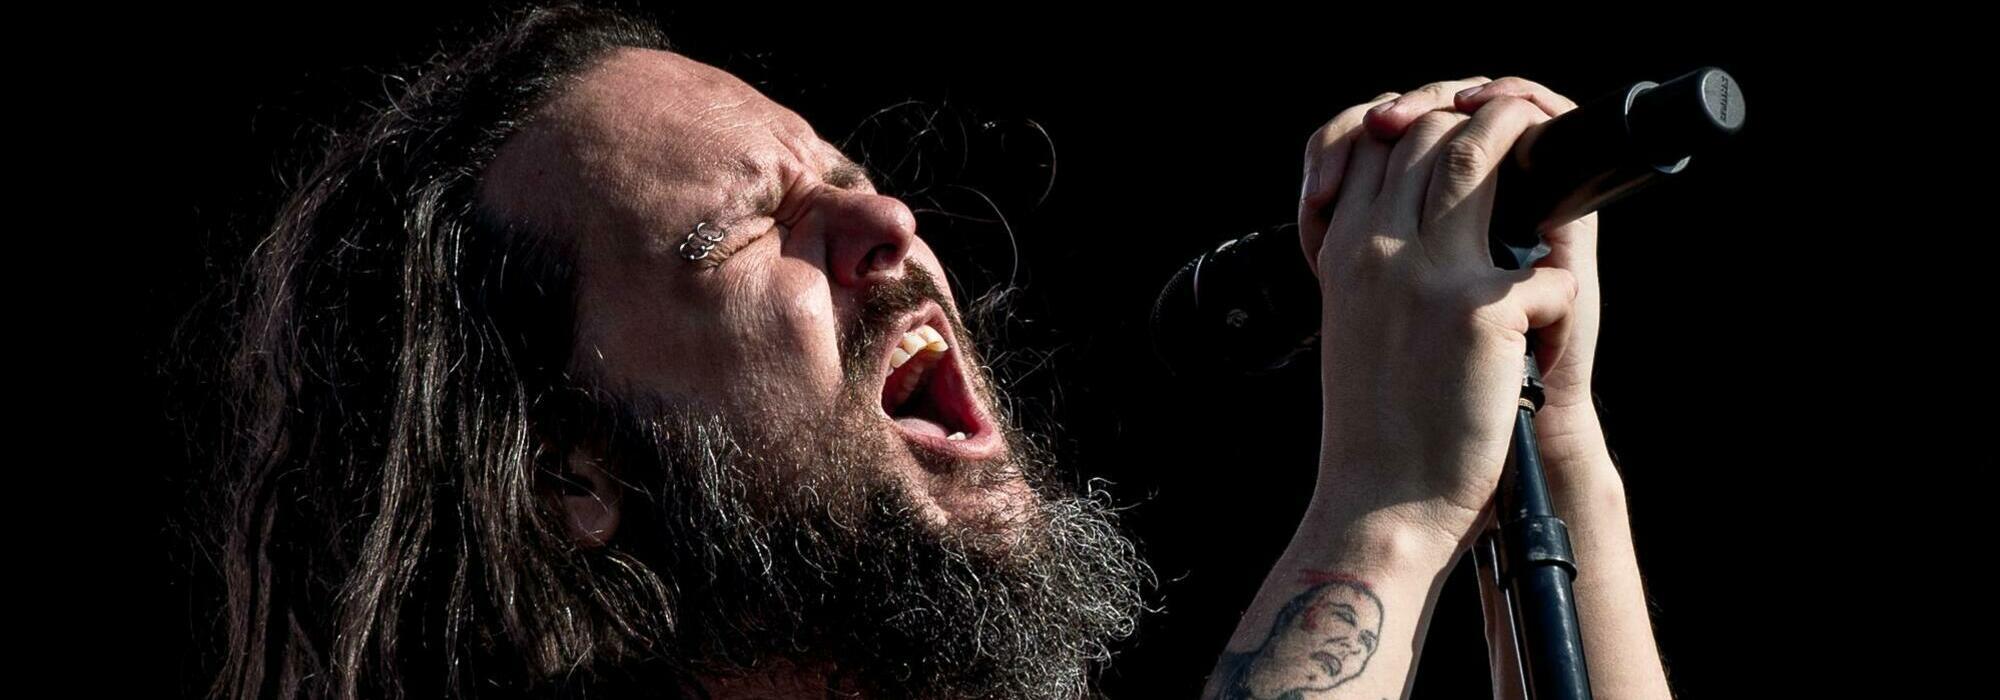 A Korn live event